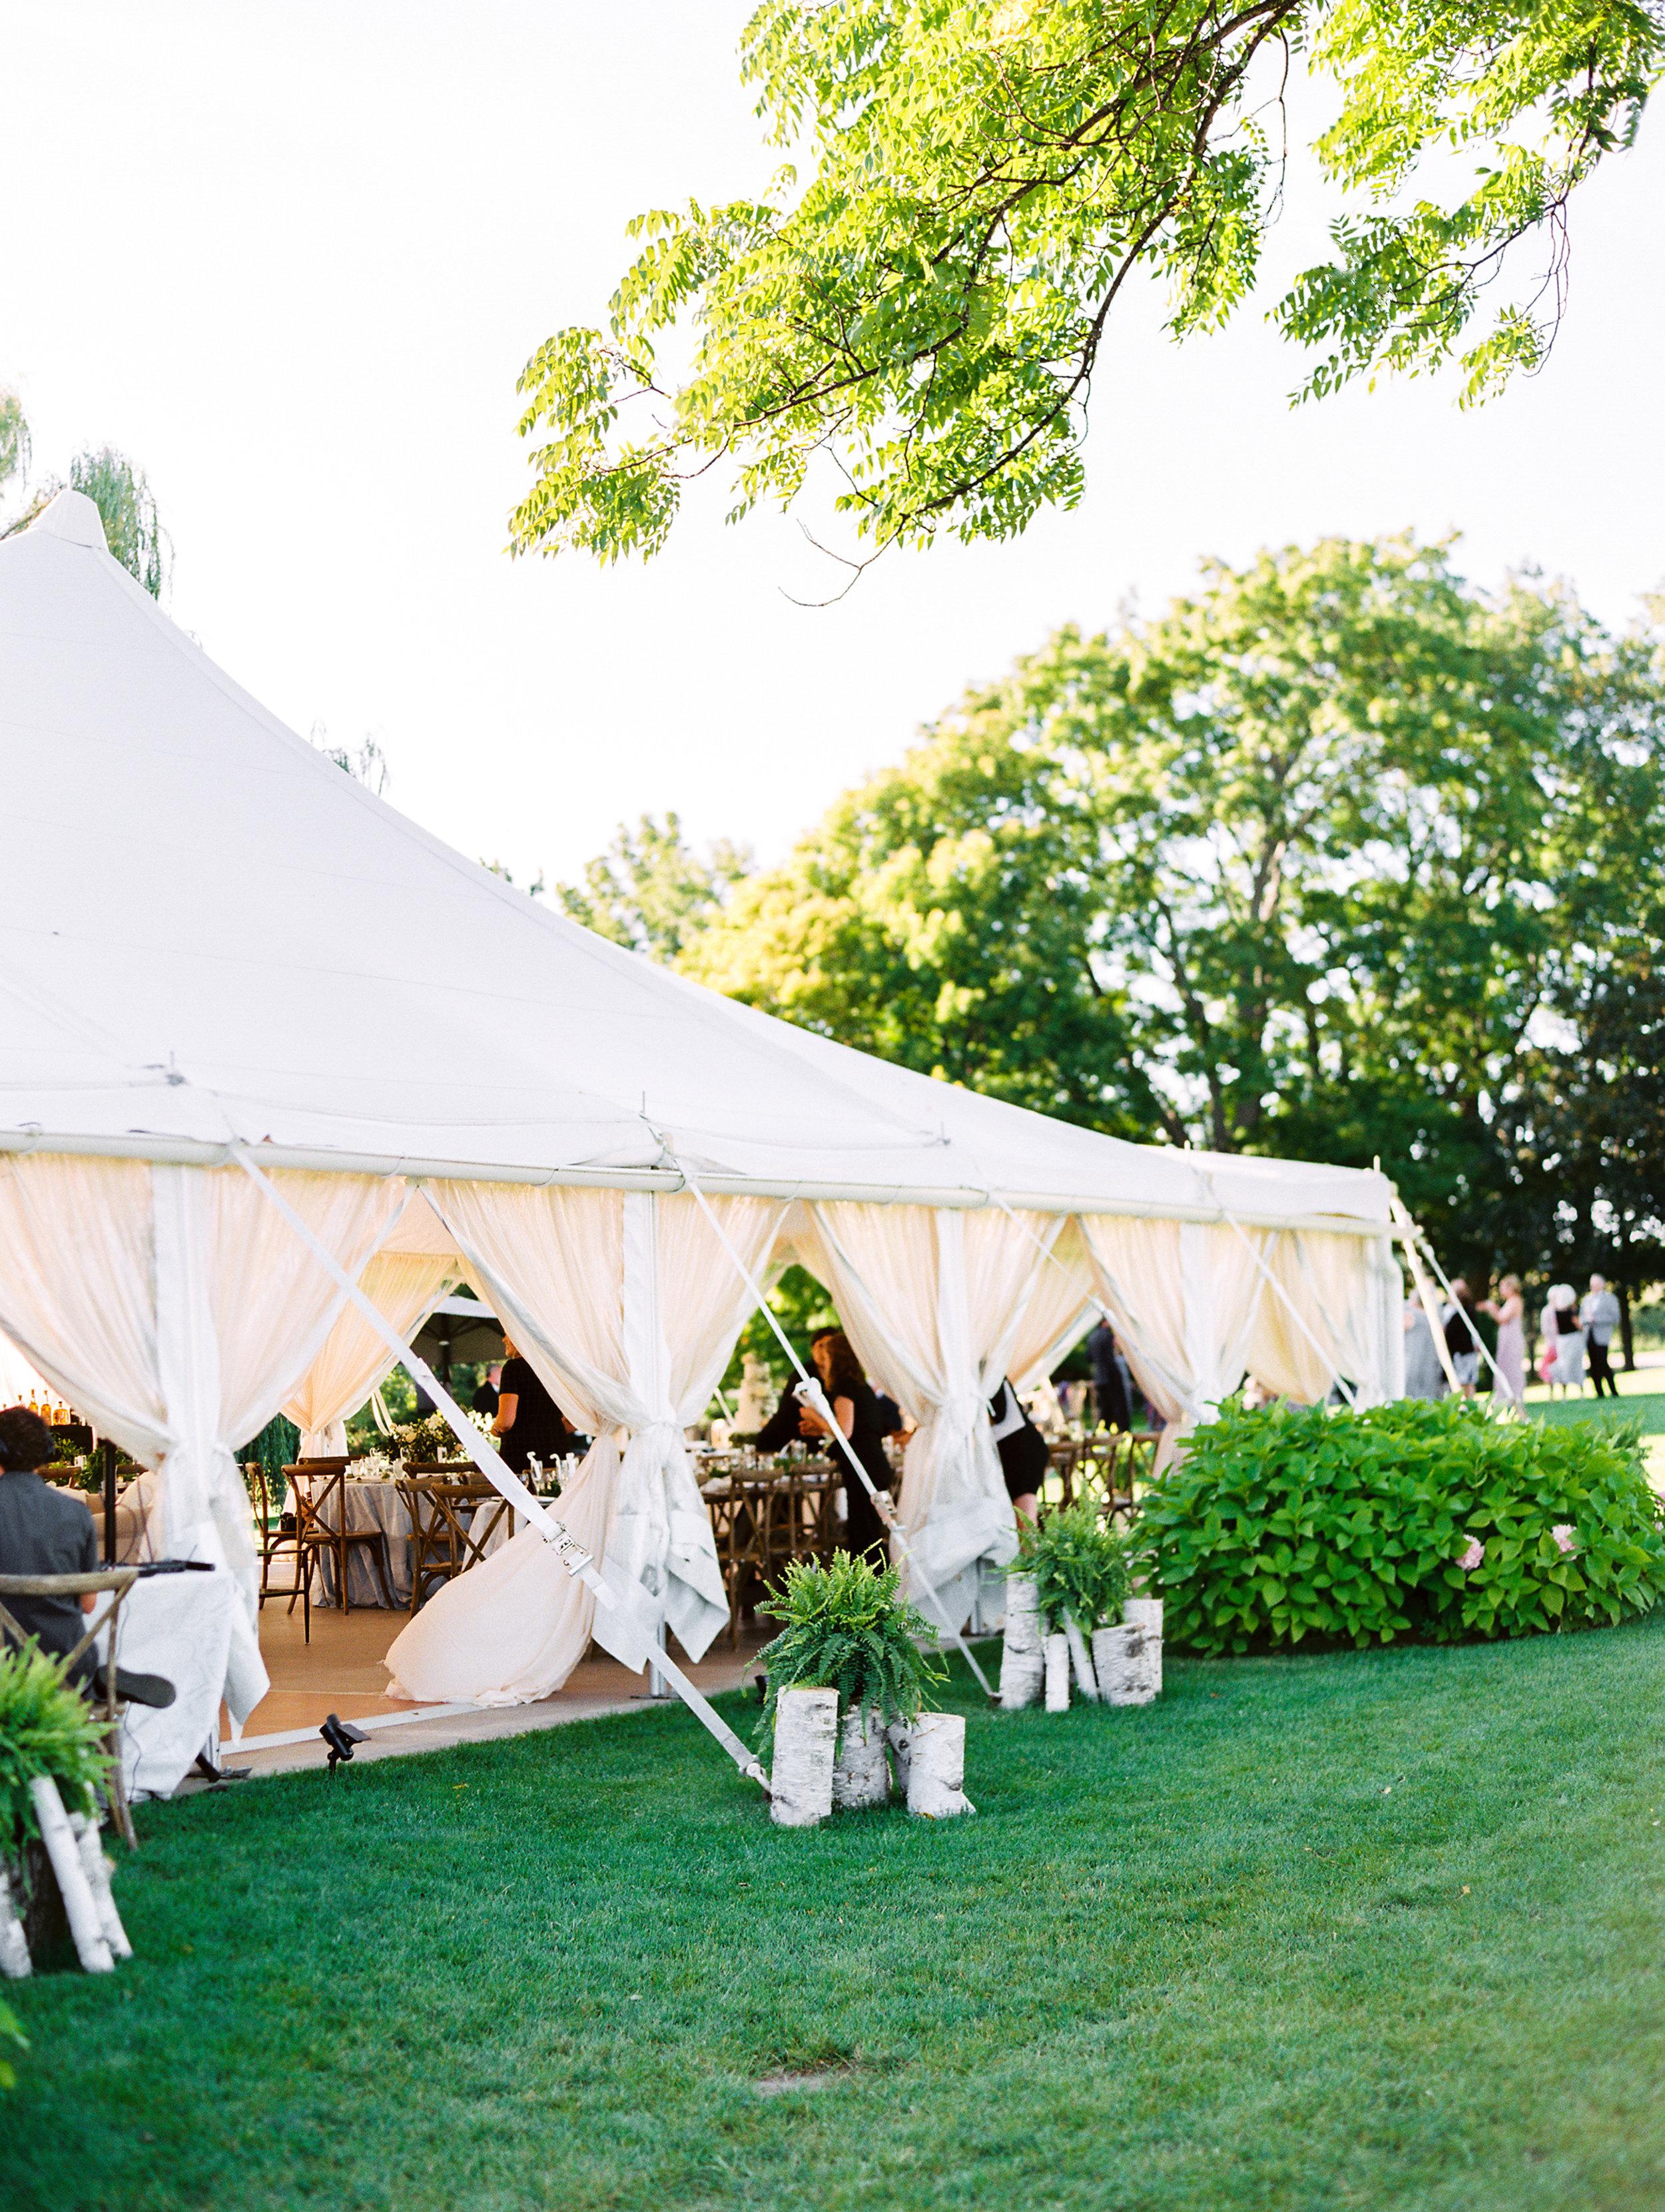 Steinlage+Wedding+Reception+Details-136.jpg